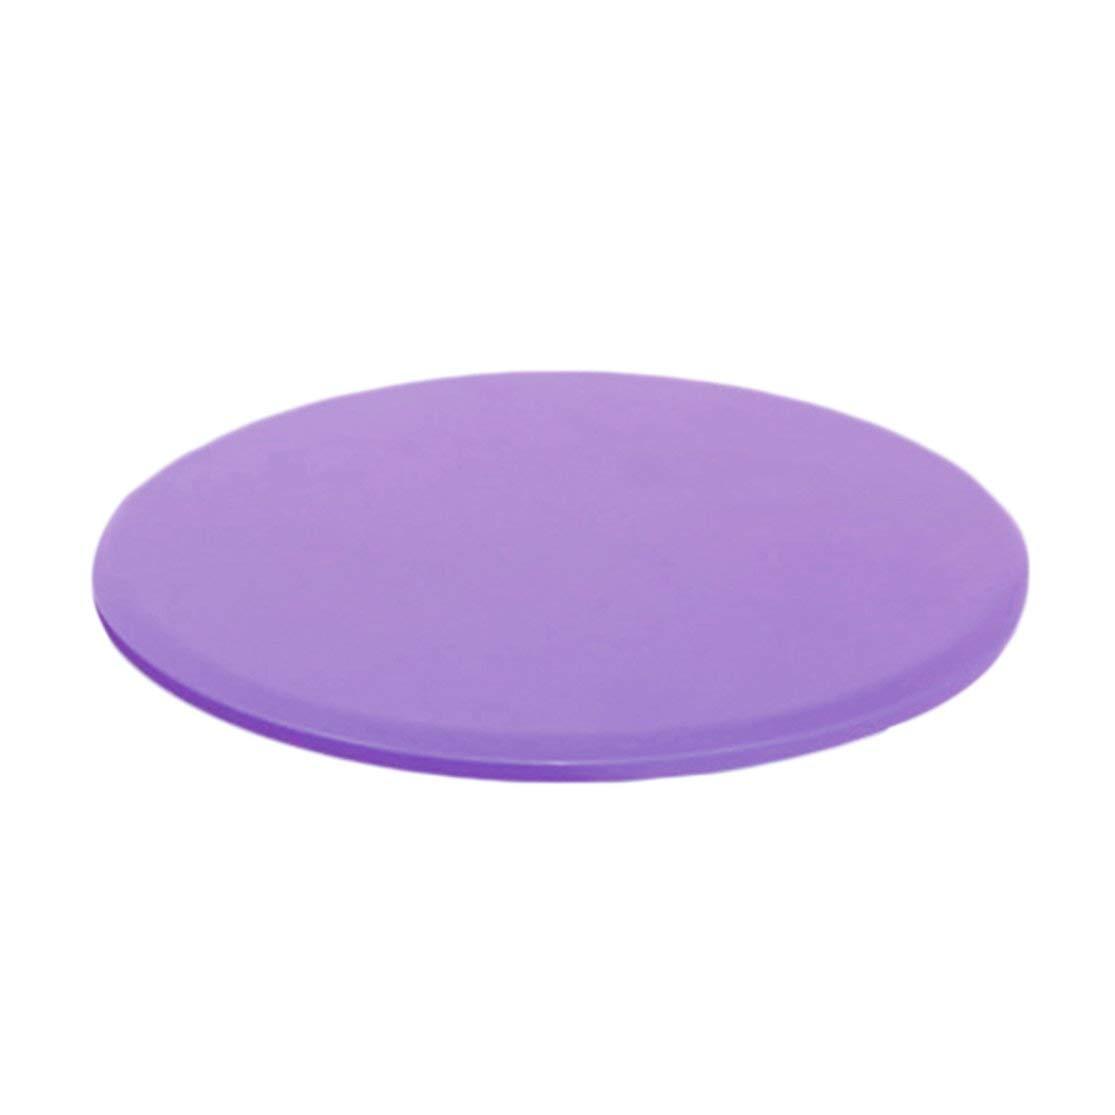 Kaemma Remise en Forme Glissi/ère Disques de Coordination Capacit/é Capacit/é dexercices de Mise en Forme pour lentra/înement de Base Entra/înement Abdominal et Complet du Corps Color:Purple